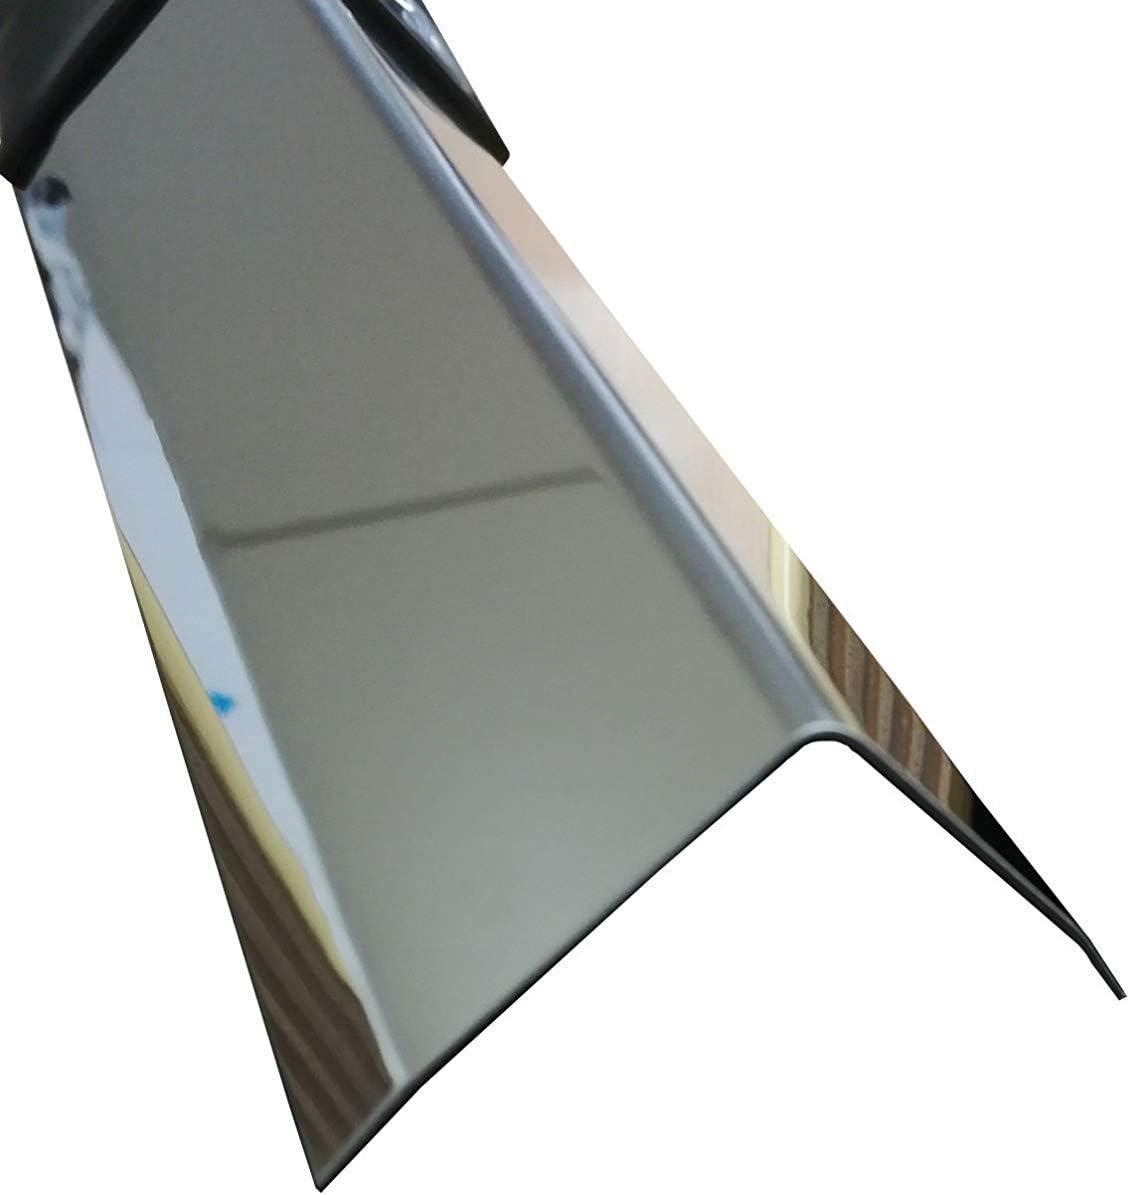 Kantenschutz Wand Winkelprofil Edelstahl 3-fach gekantet Kantenschutzprofil 3fach Winkelblech 2 Meter Edelstahl Winkel hochglanz poliert,0,8mm stark